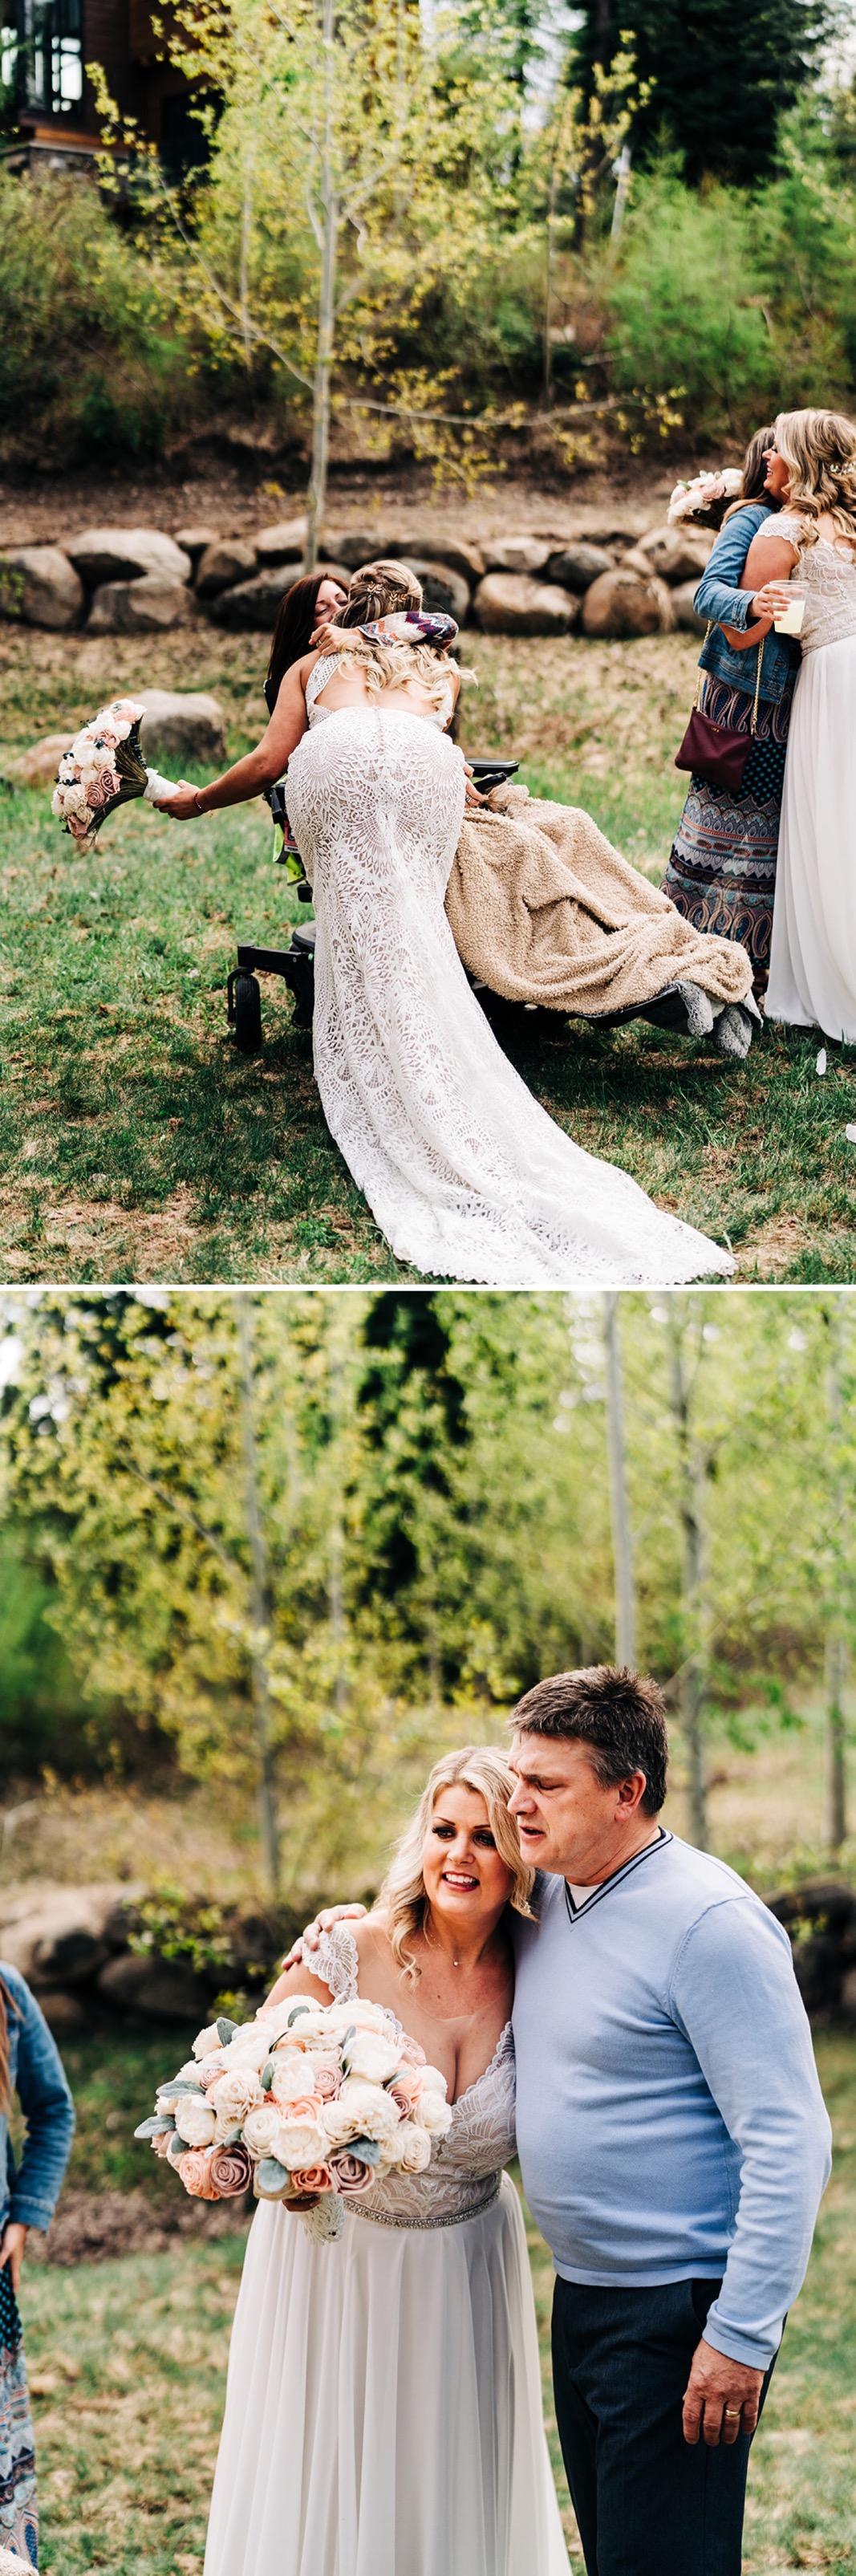 098_falissa_heather_wedding-246_falissa_heather_wedding-244.jpg